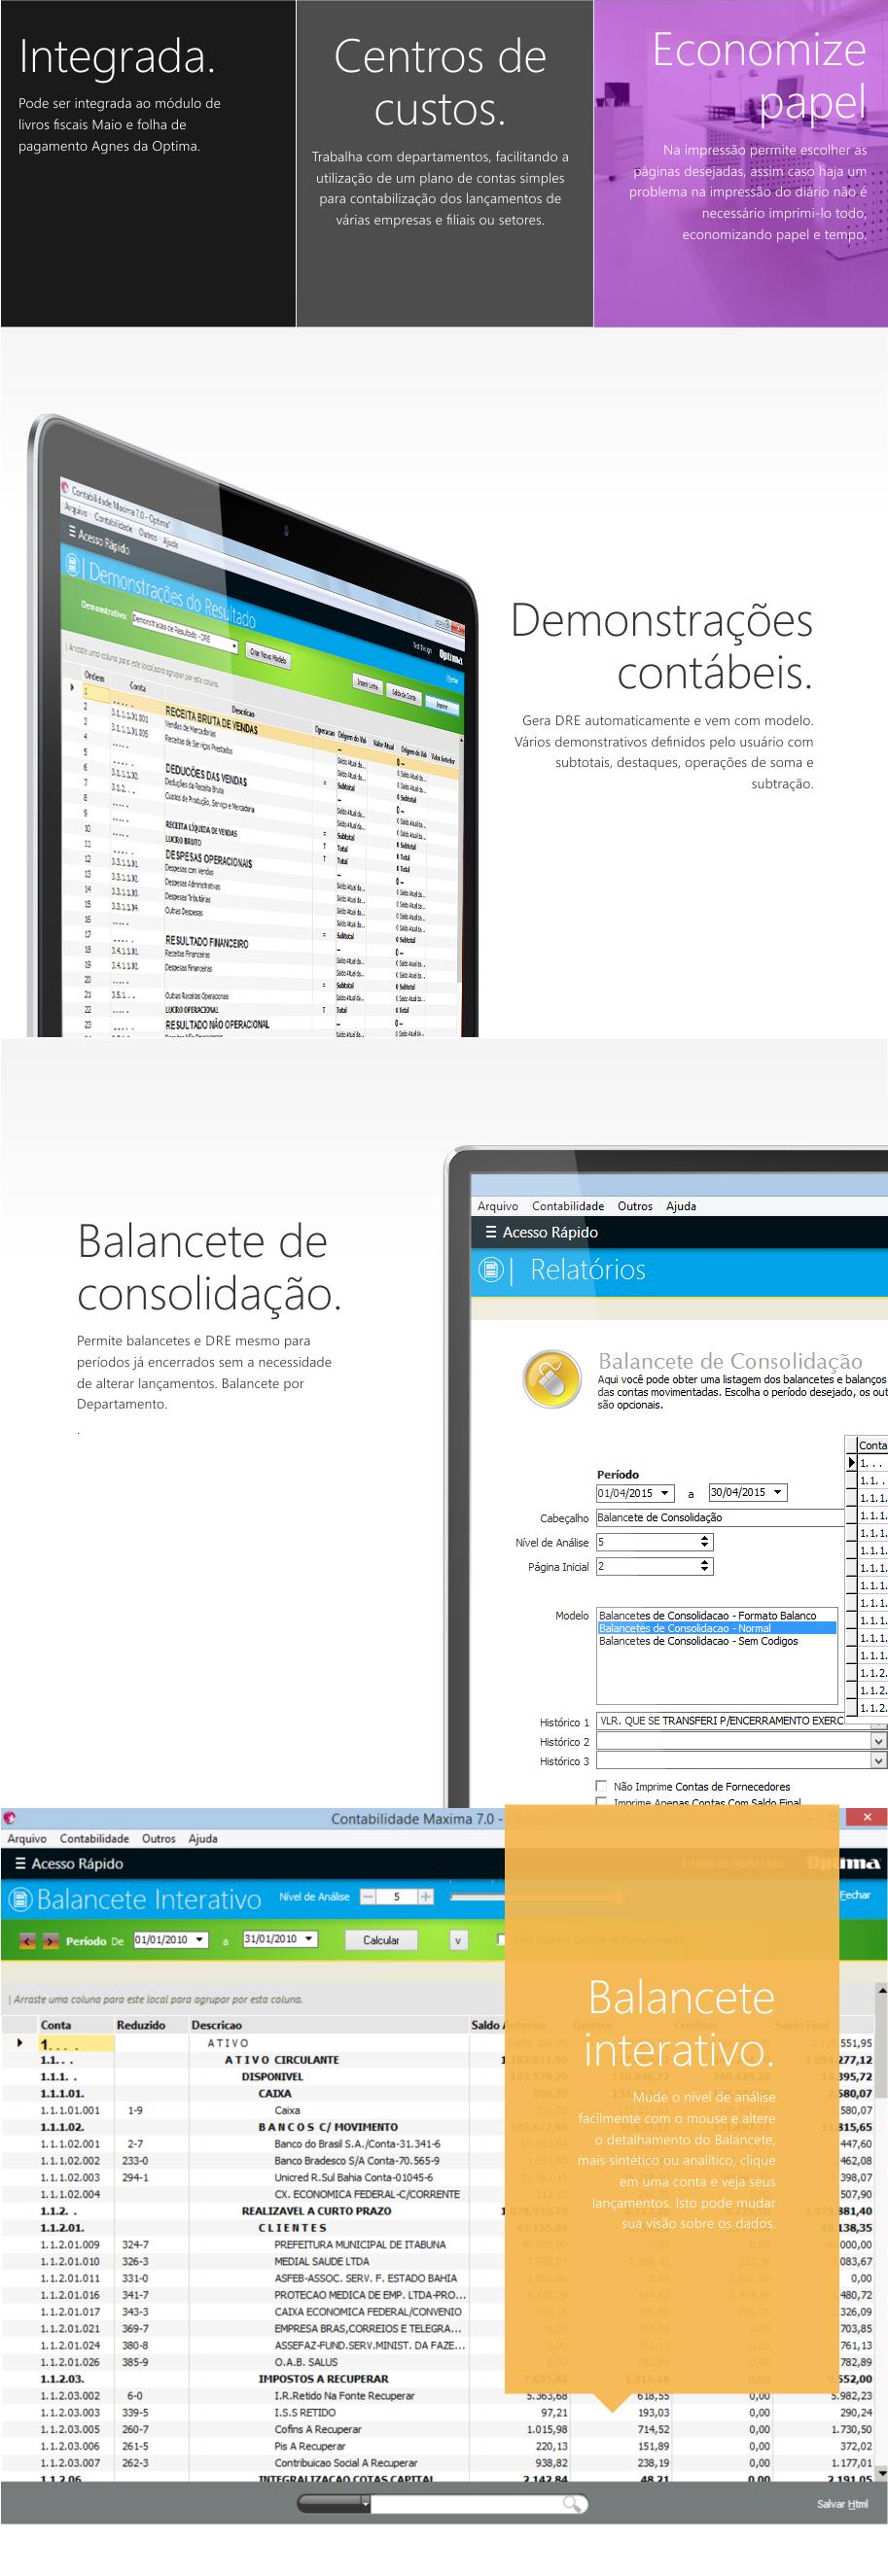 Contabilidade Máxima - contabilidade geral, balanço, livro diário, razão analitico, balancetes, demonstrações contabeis, livro caixa,SPED,FCONT, gerencial